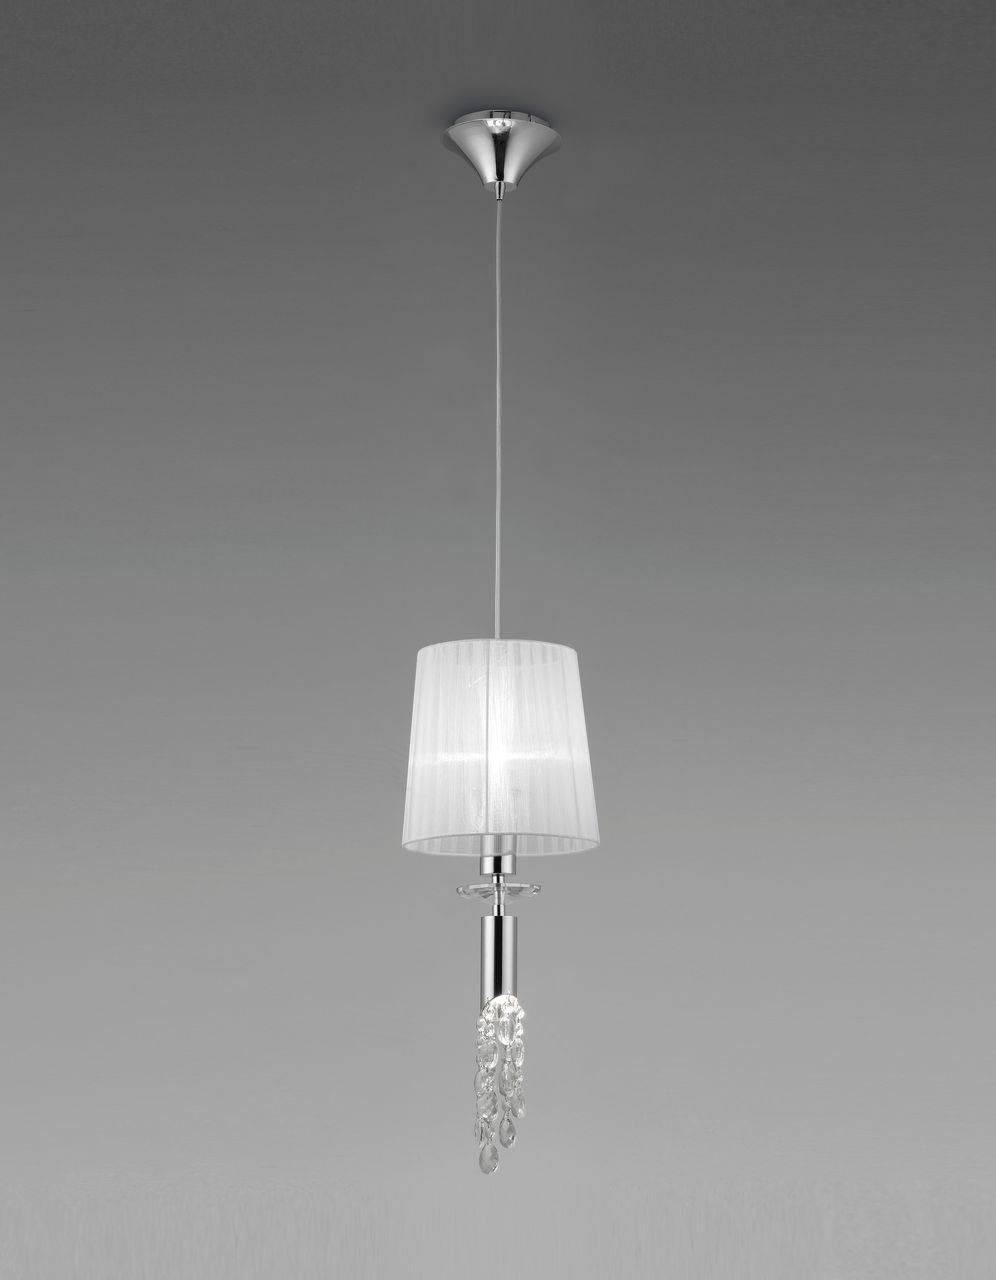 Подвесной светильник Mantra, E27, 26 Вт подвесной светильник mantra sahara 4860